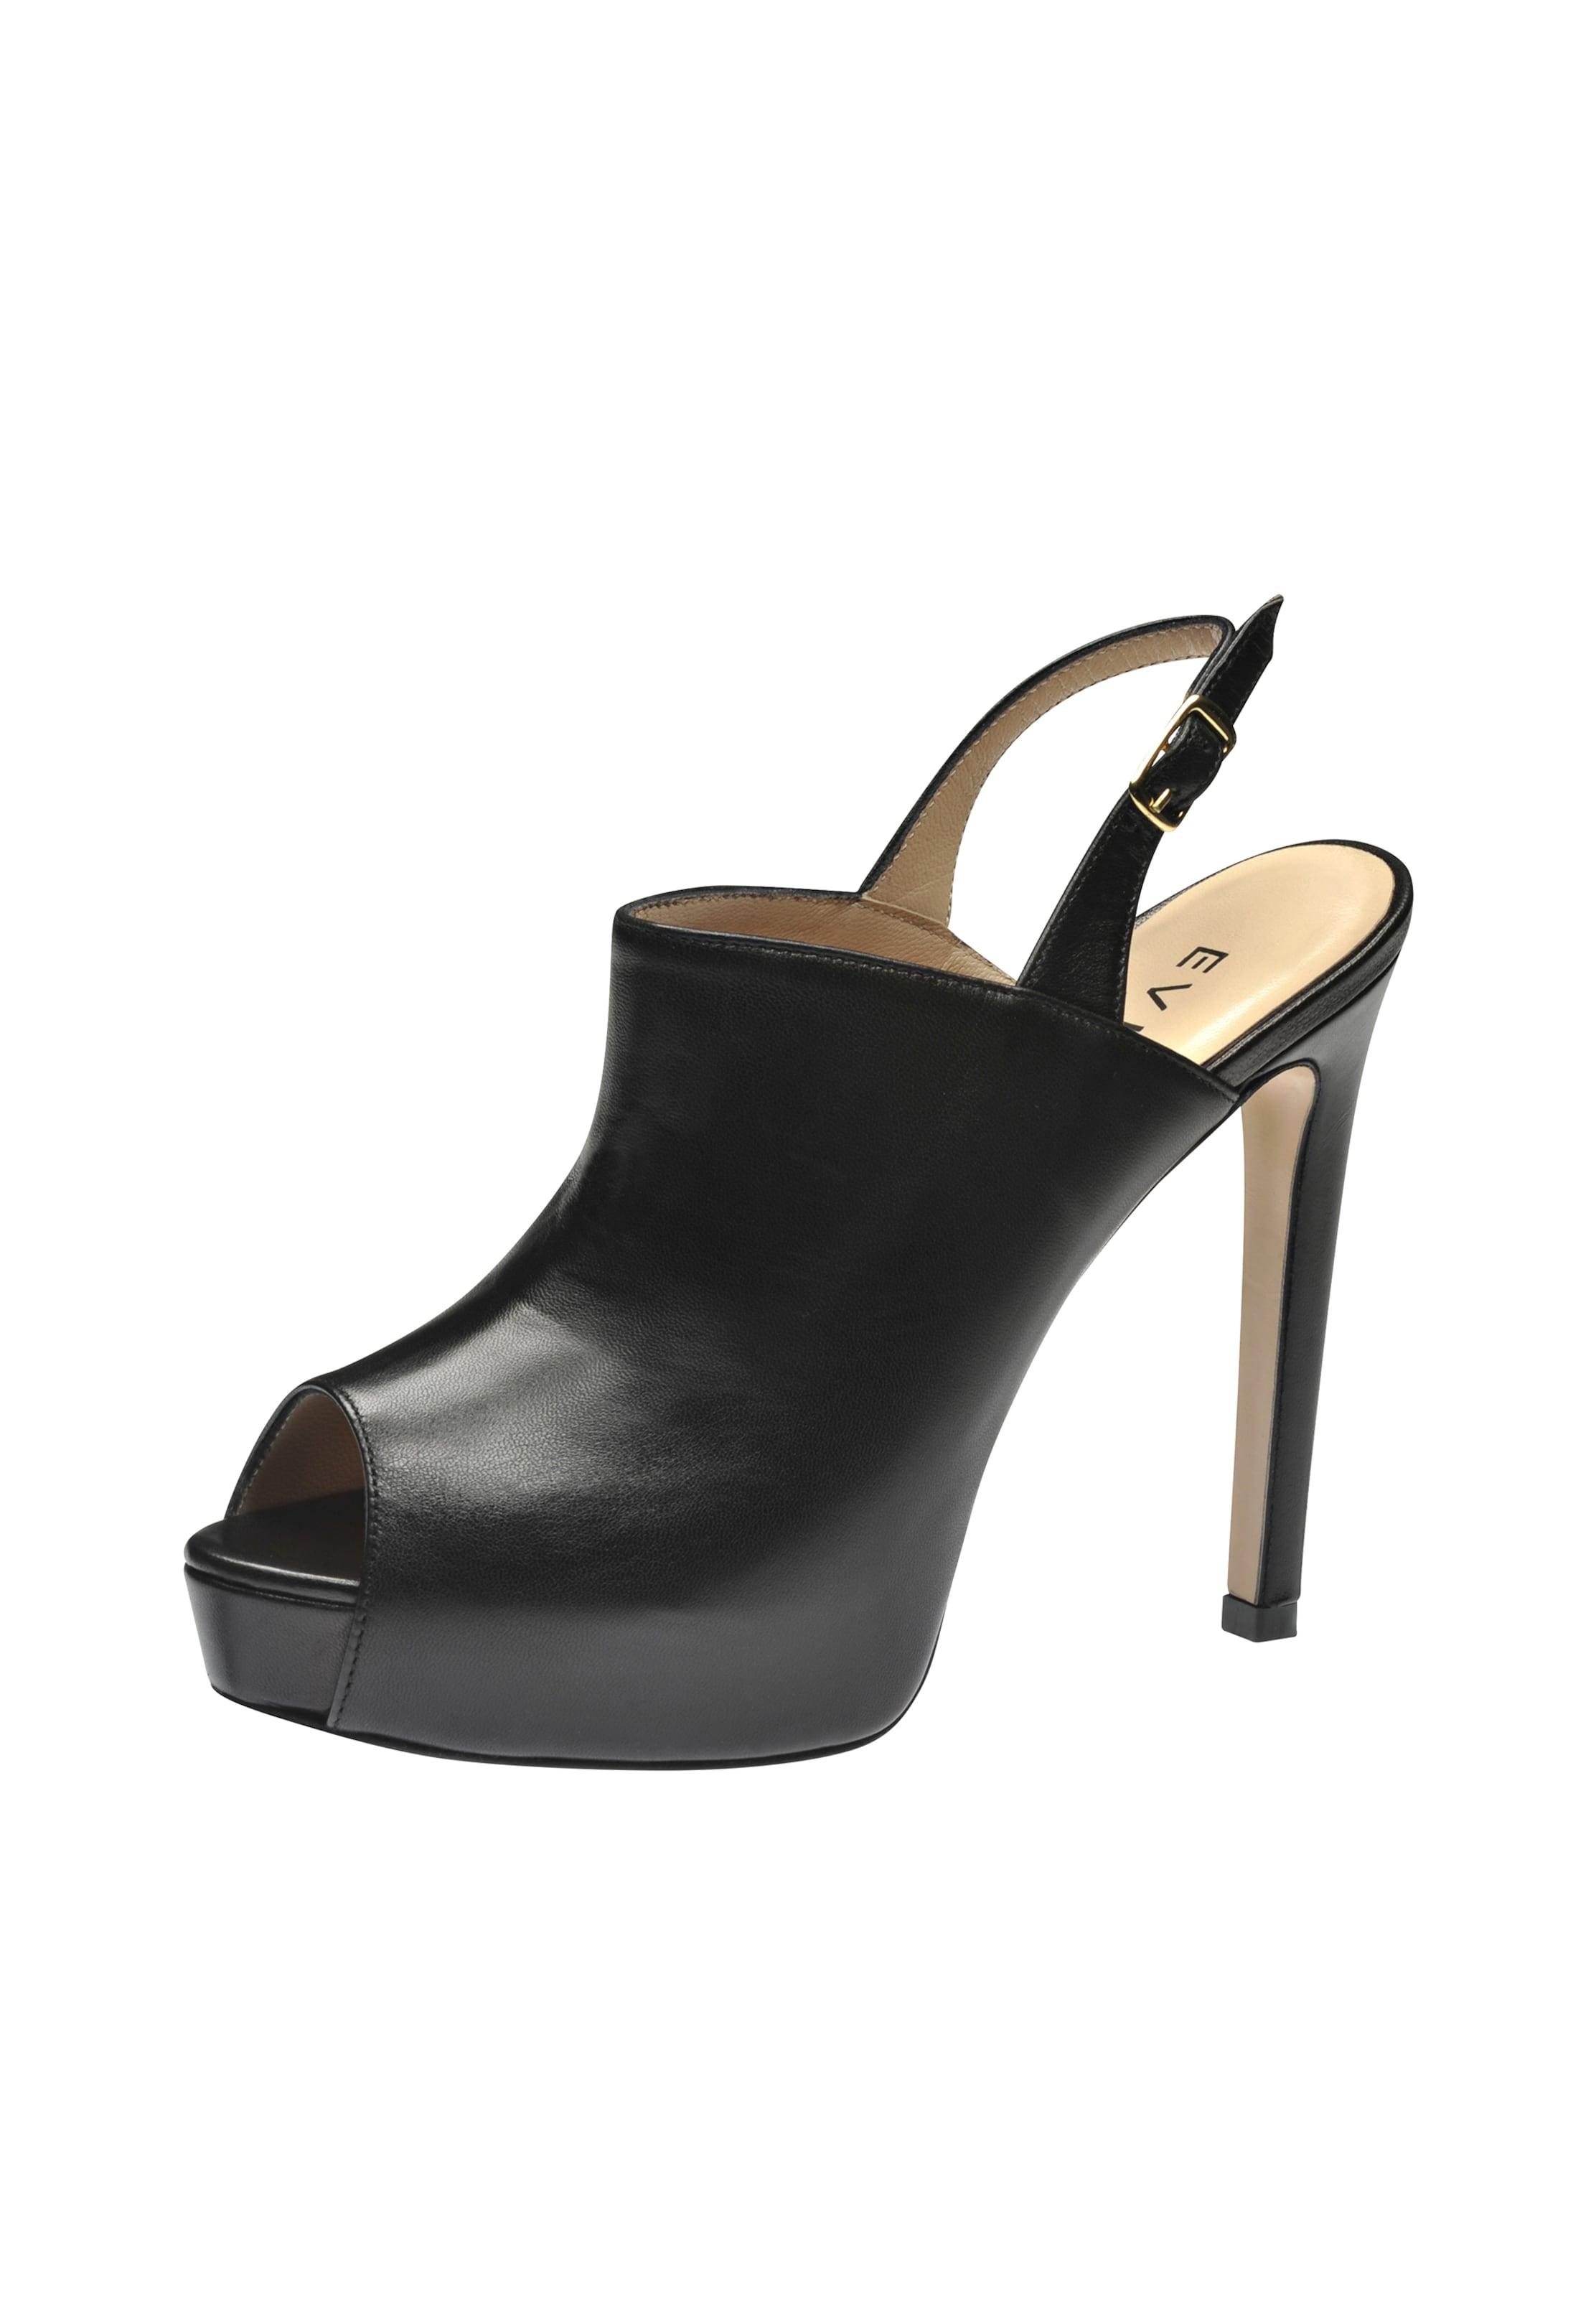 EVITA Damen Verschleißfeste billige Schuhe Hohe Qualität